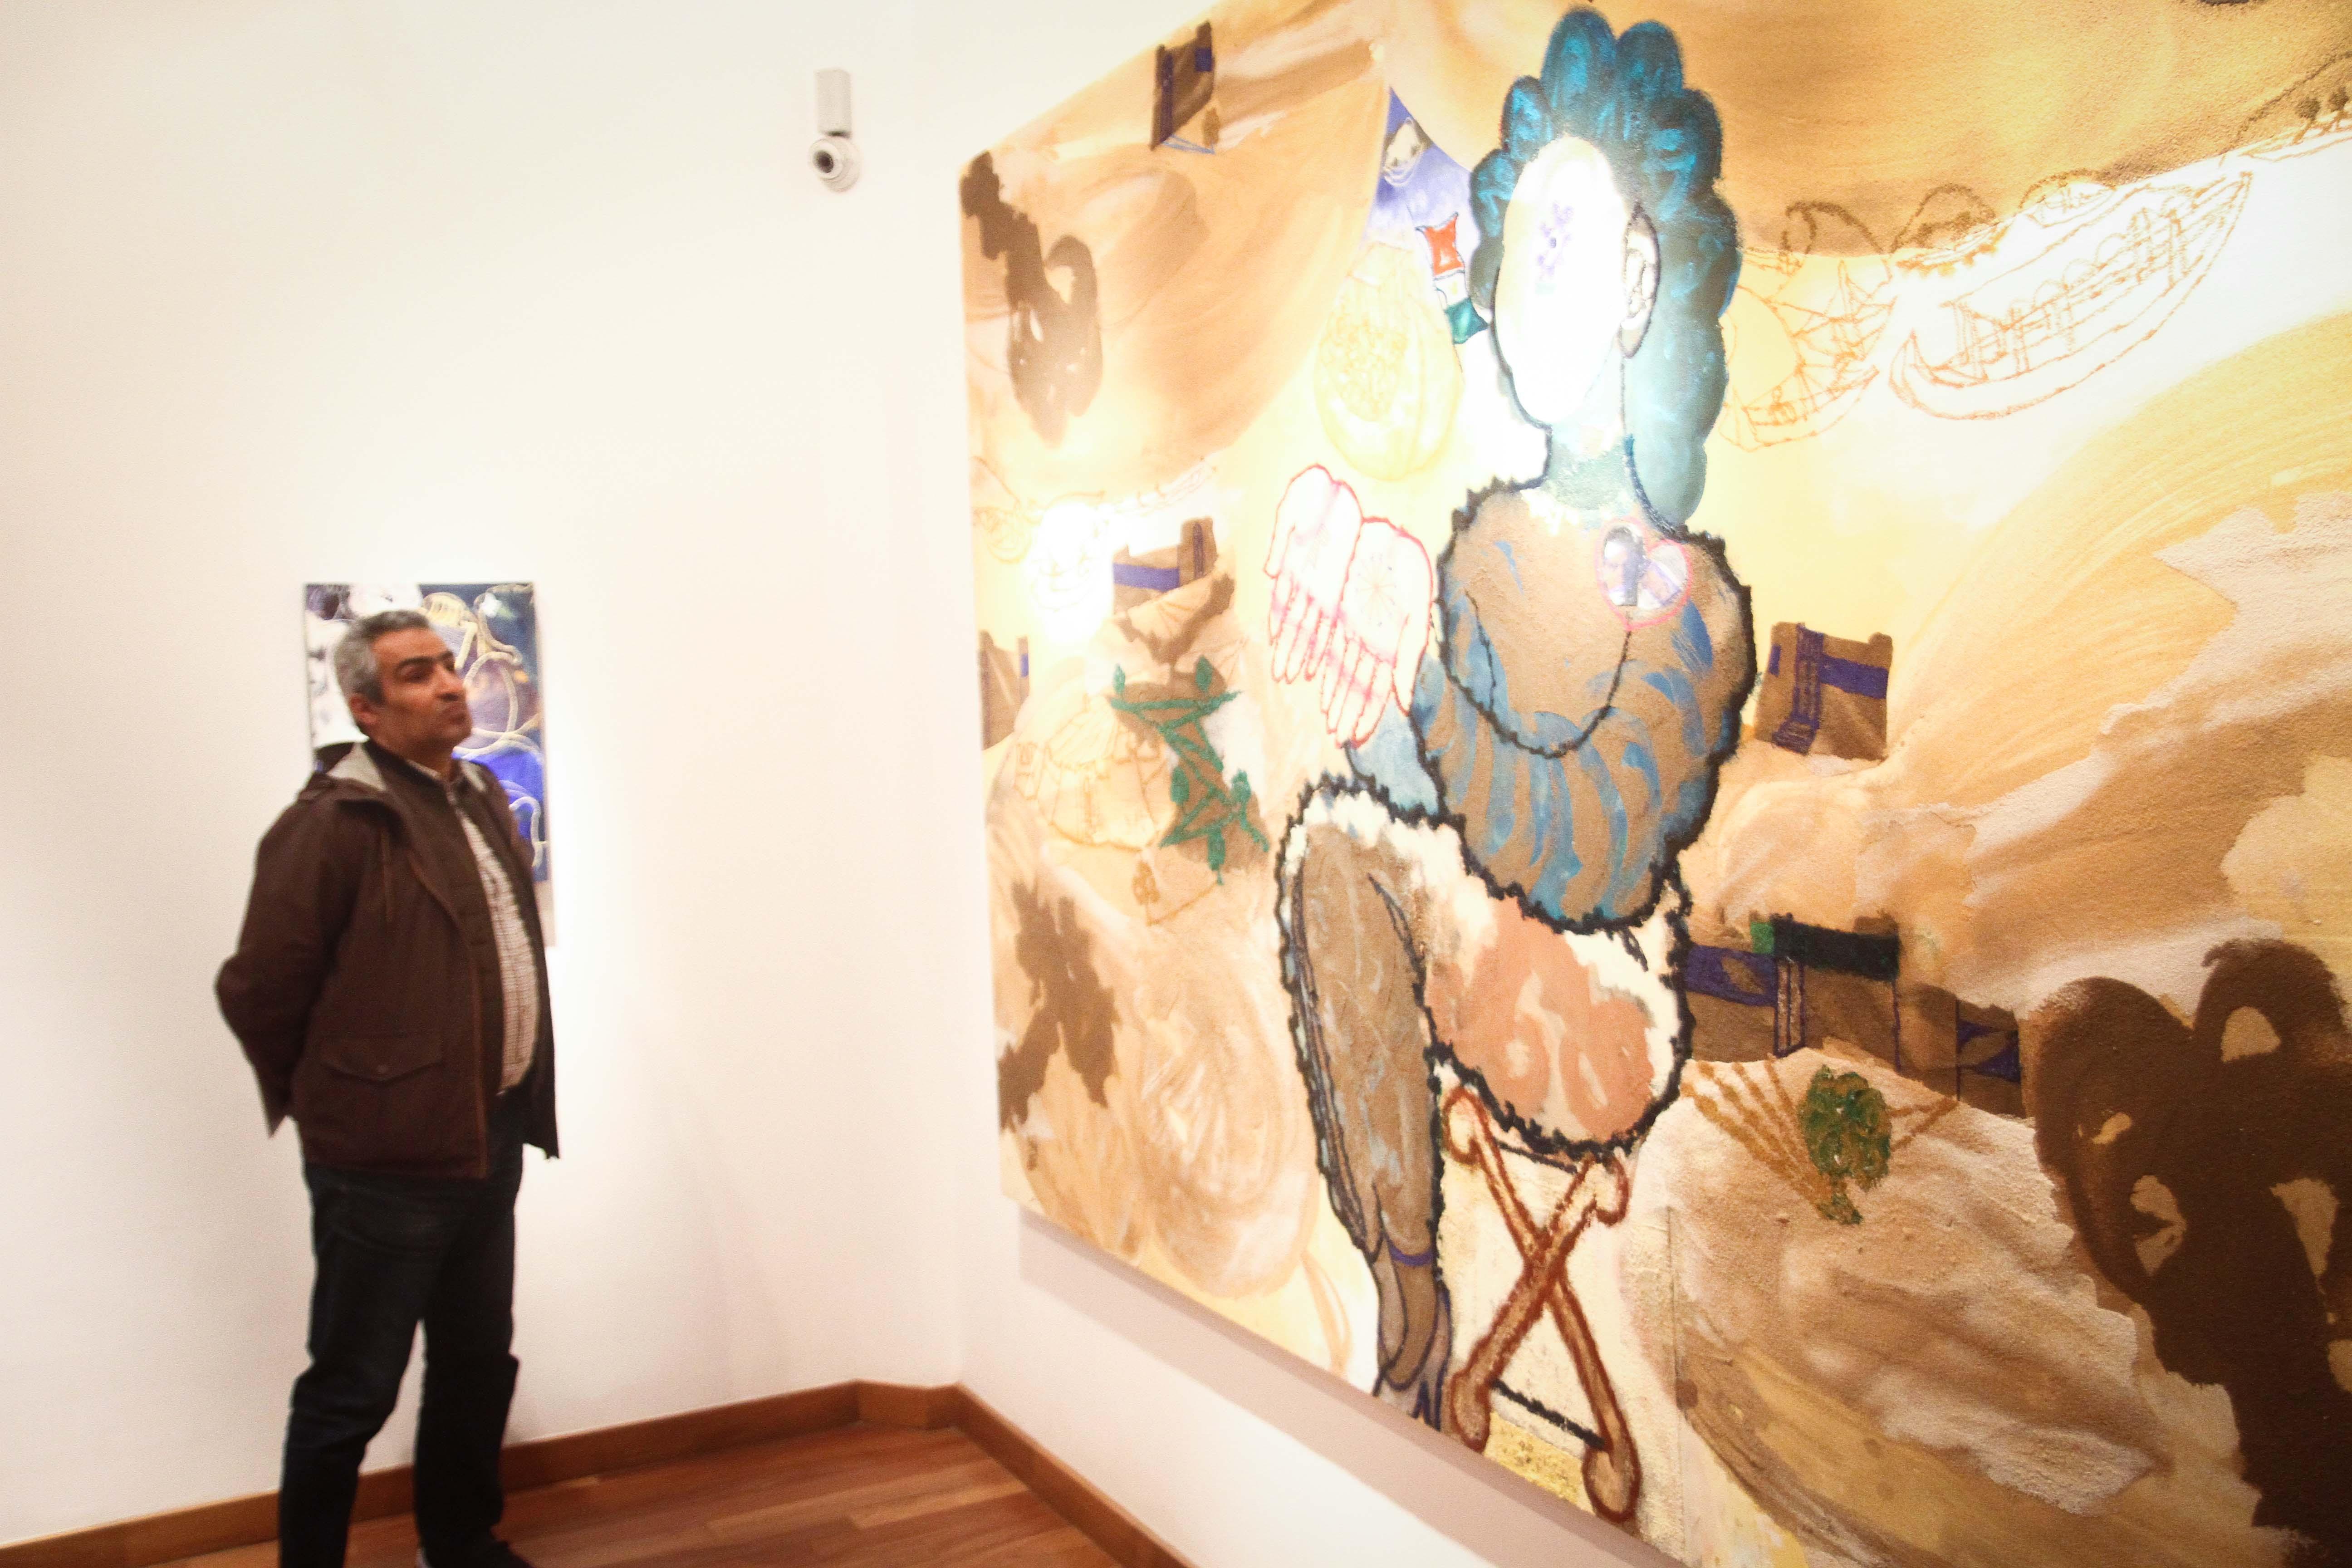 معرض مصر ستعاود العطاء للفنان فرغى عبد الحفيظ (13)